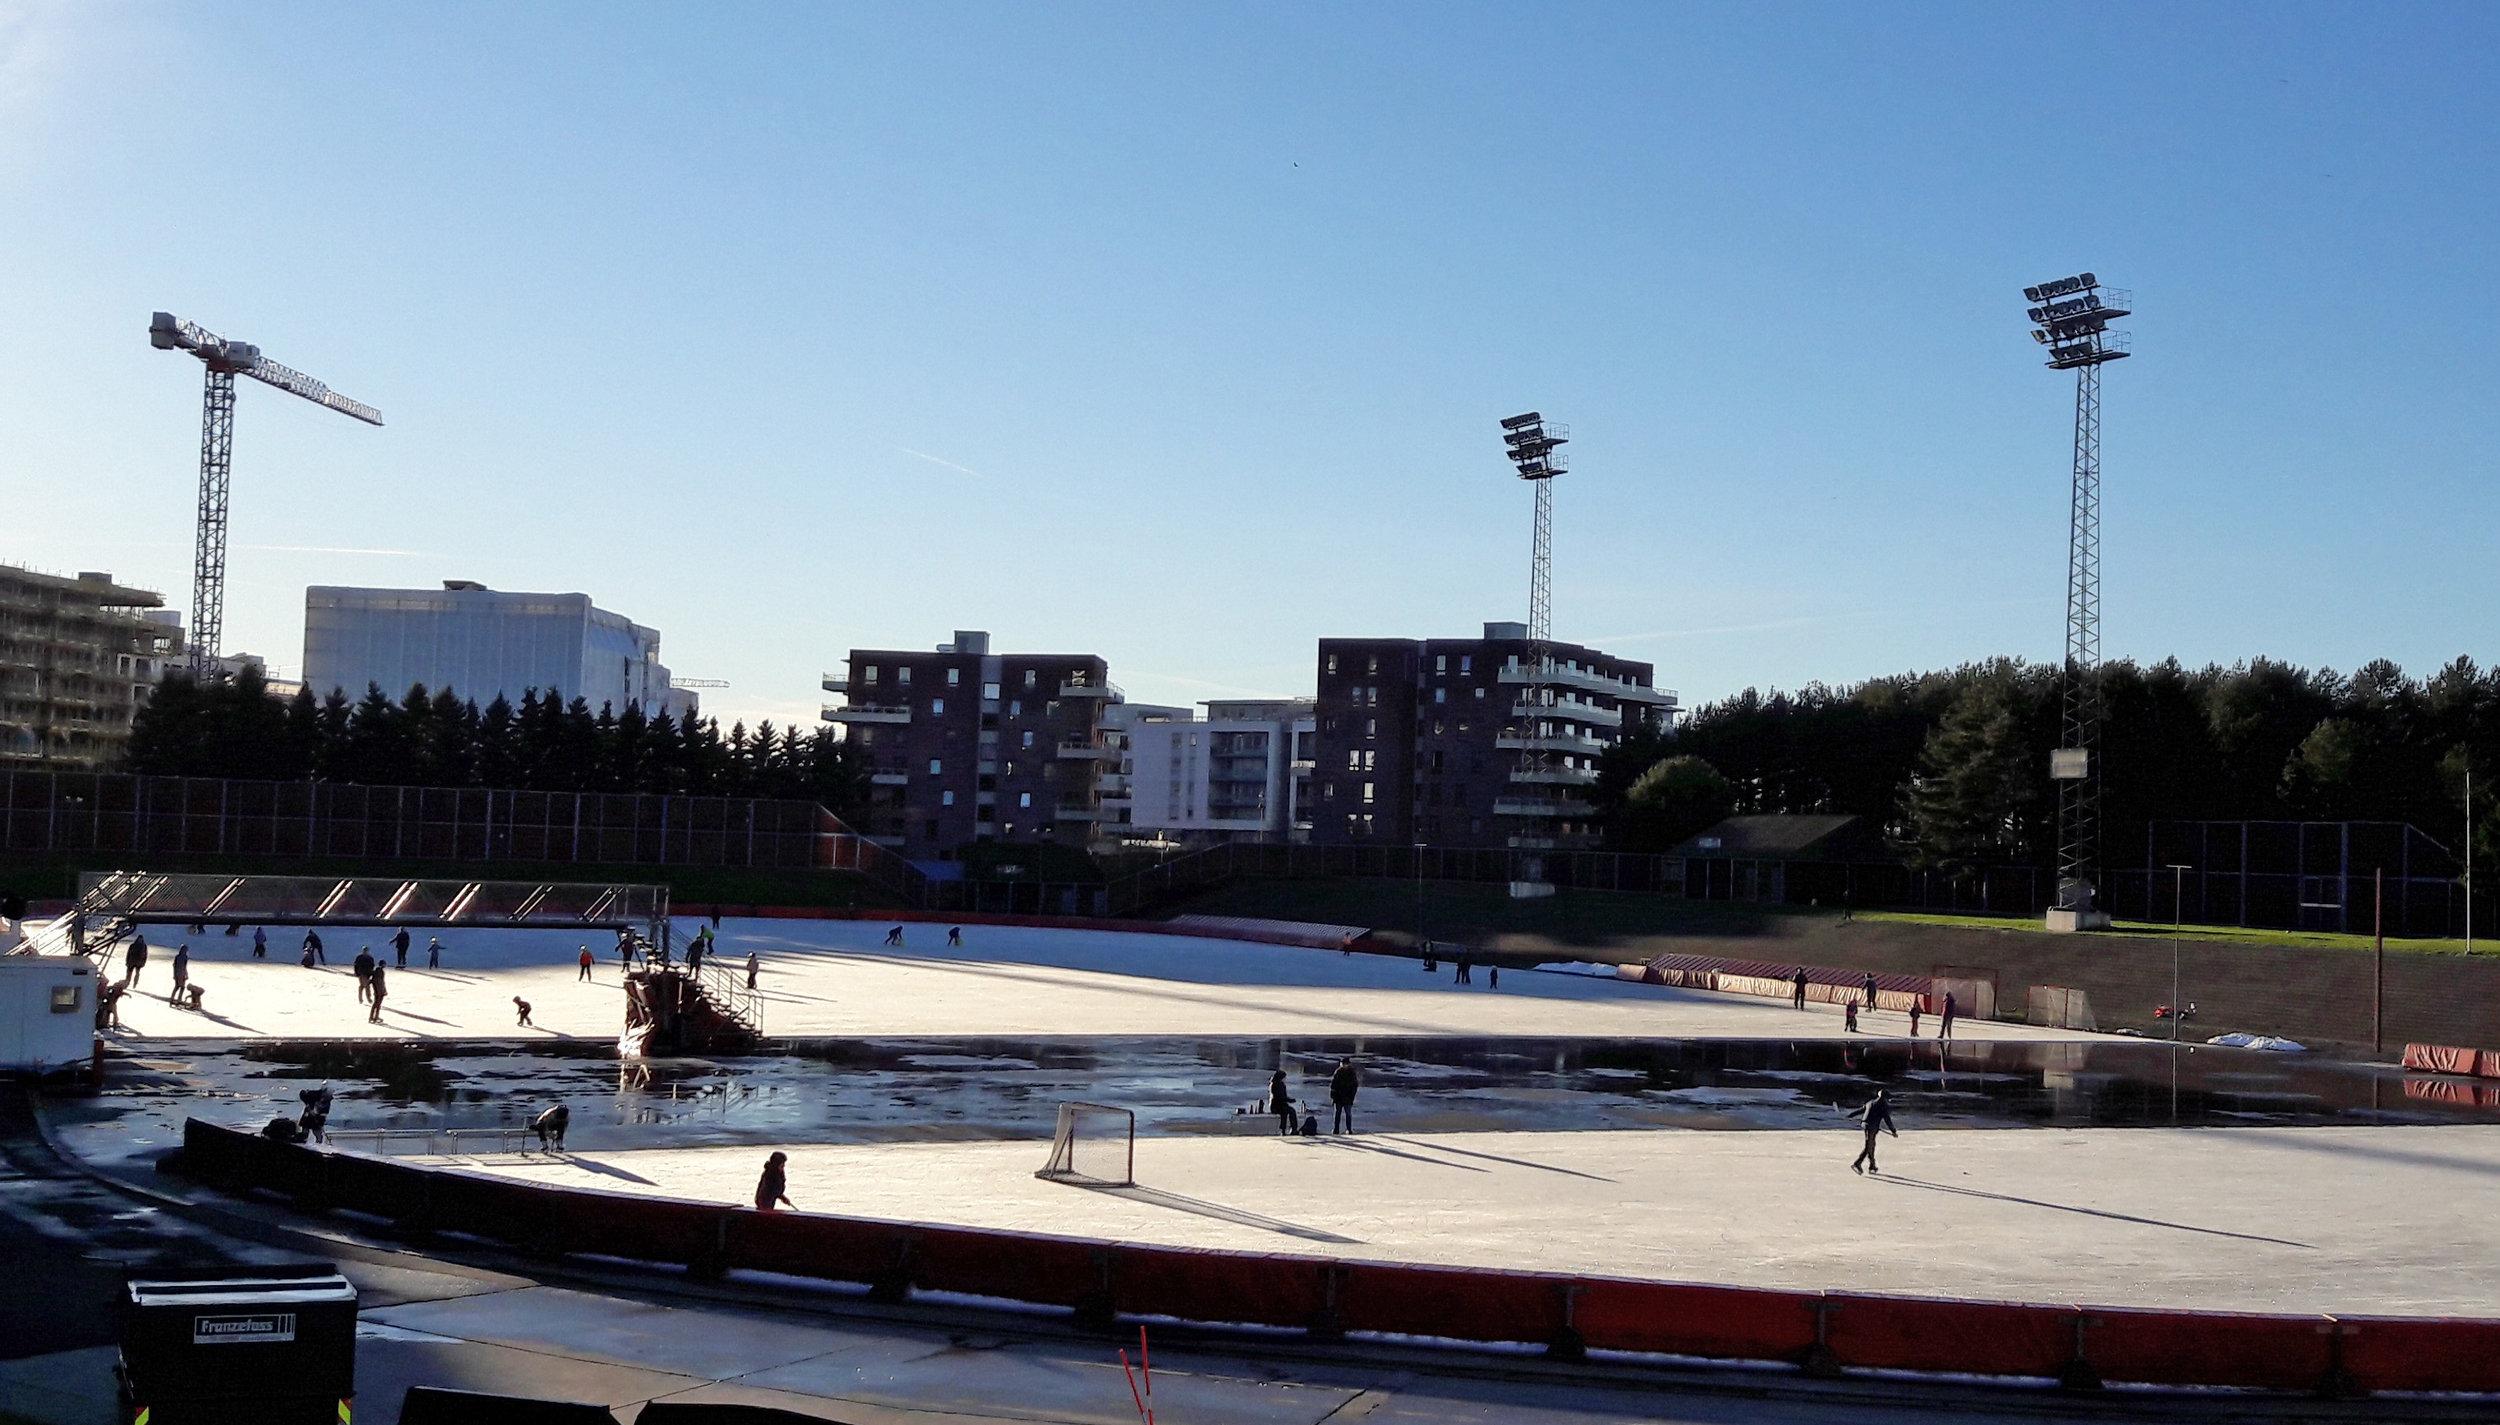 Vi skriver 18. november, og ennå har vi ikke en brukbar hurtigløpsbane i Oslo (Foto: Sven-Åge Svensson)